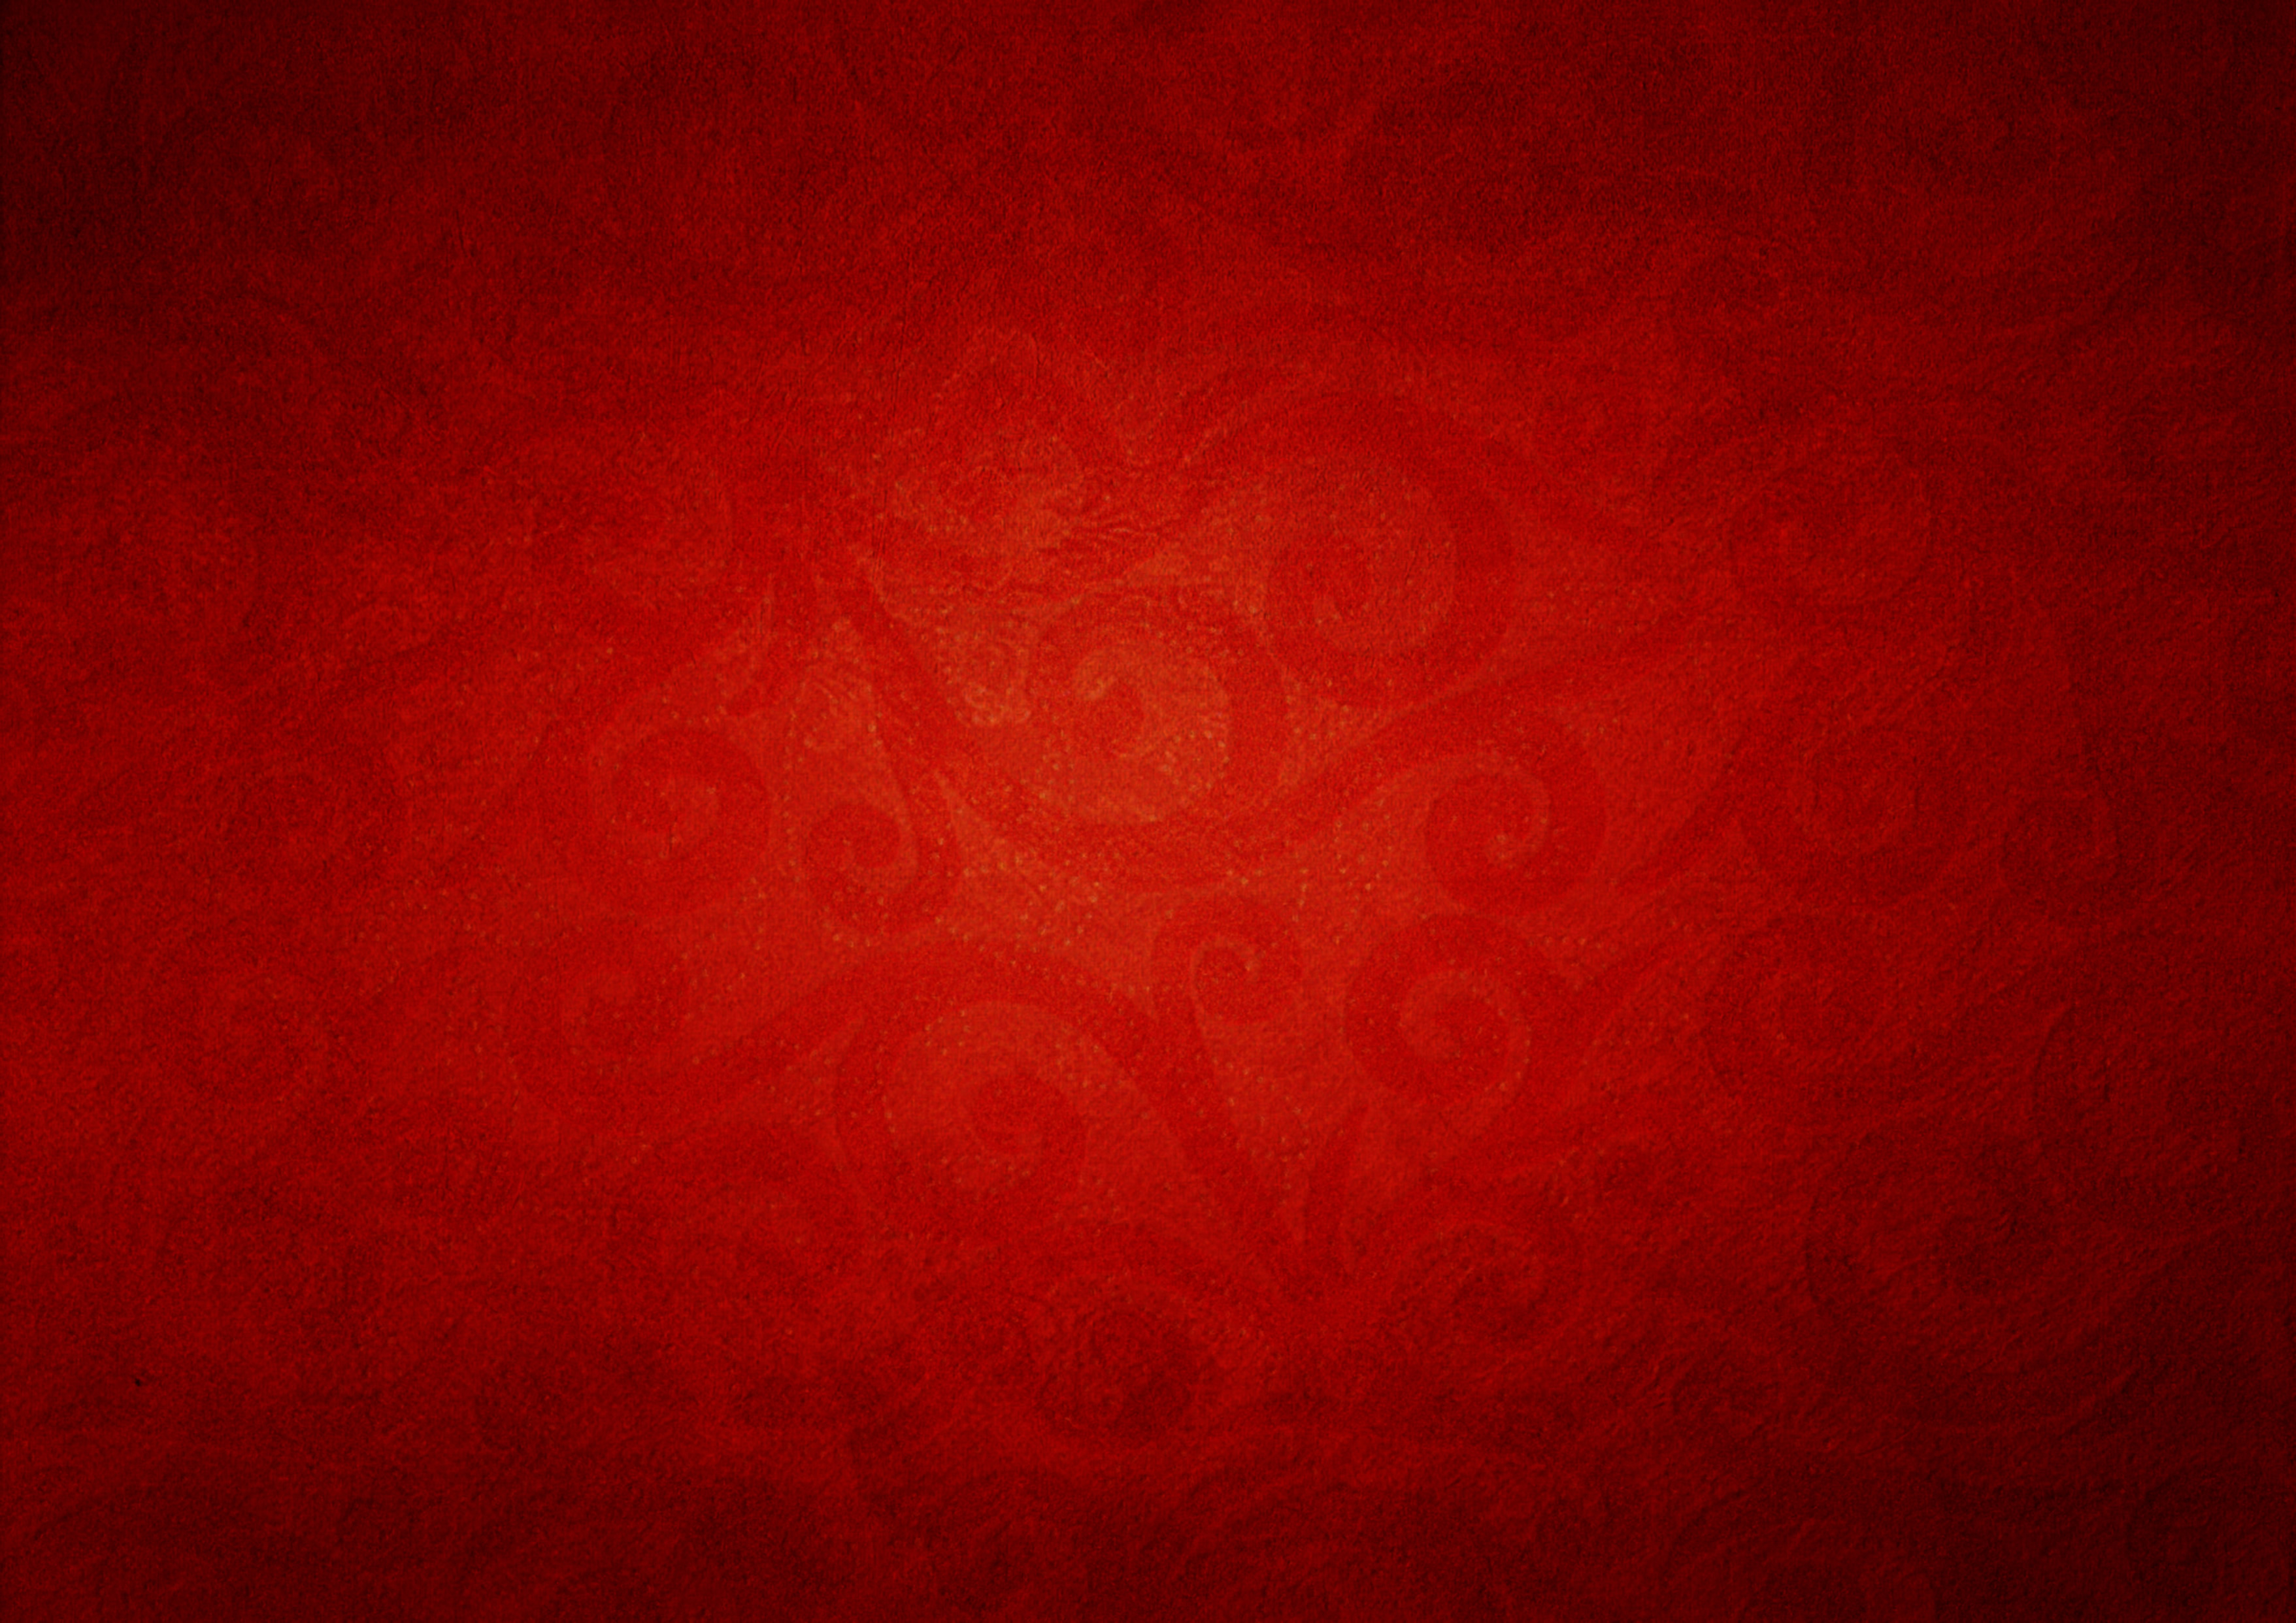 Картинки красного фона